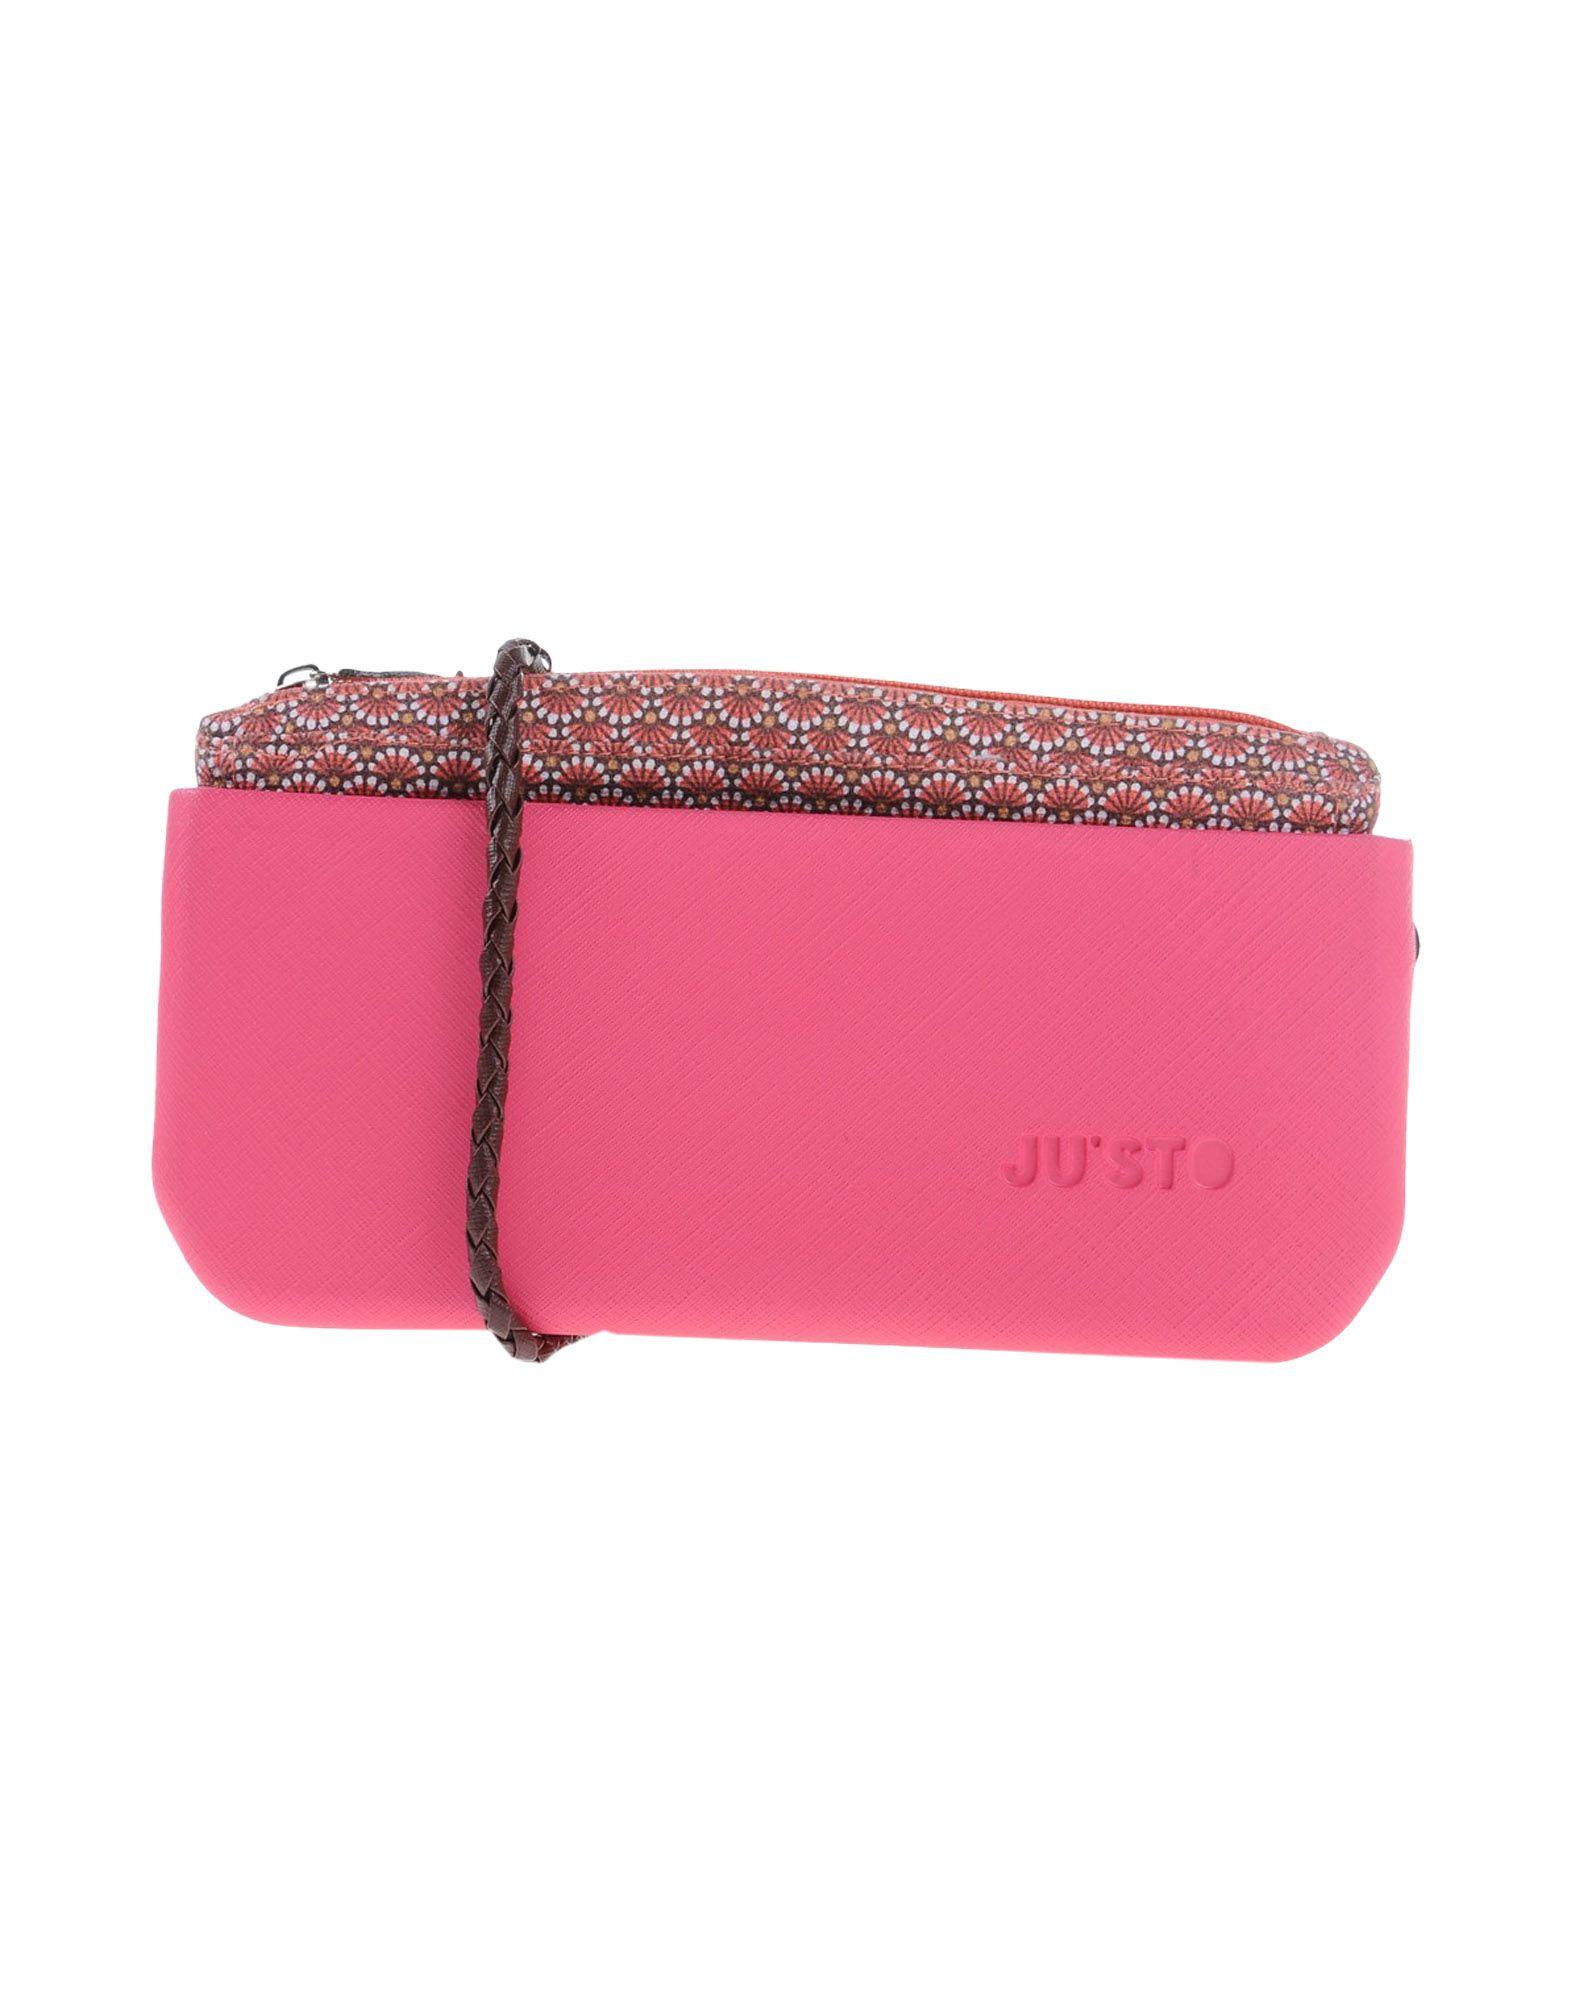 JU'STO Handbags